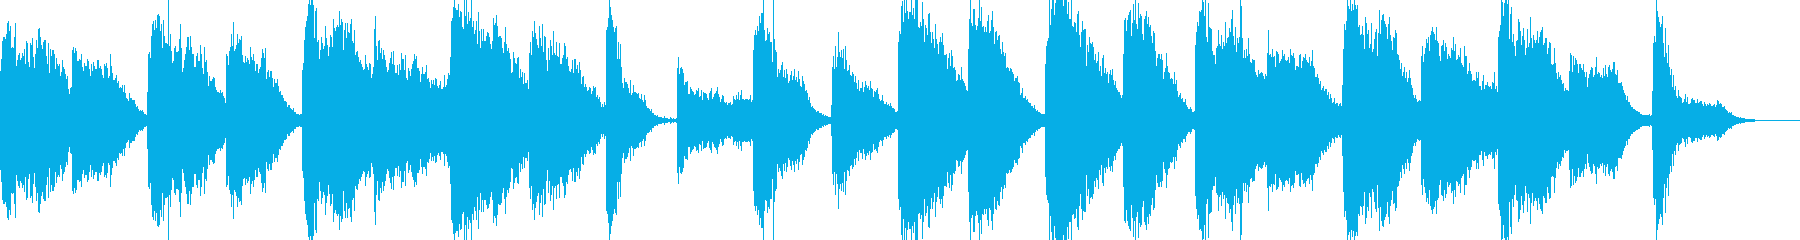 近未来的で神秘的なBGM の再生済みの波形